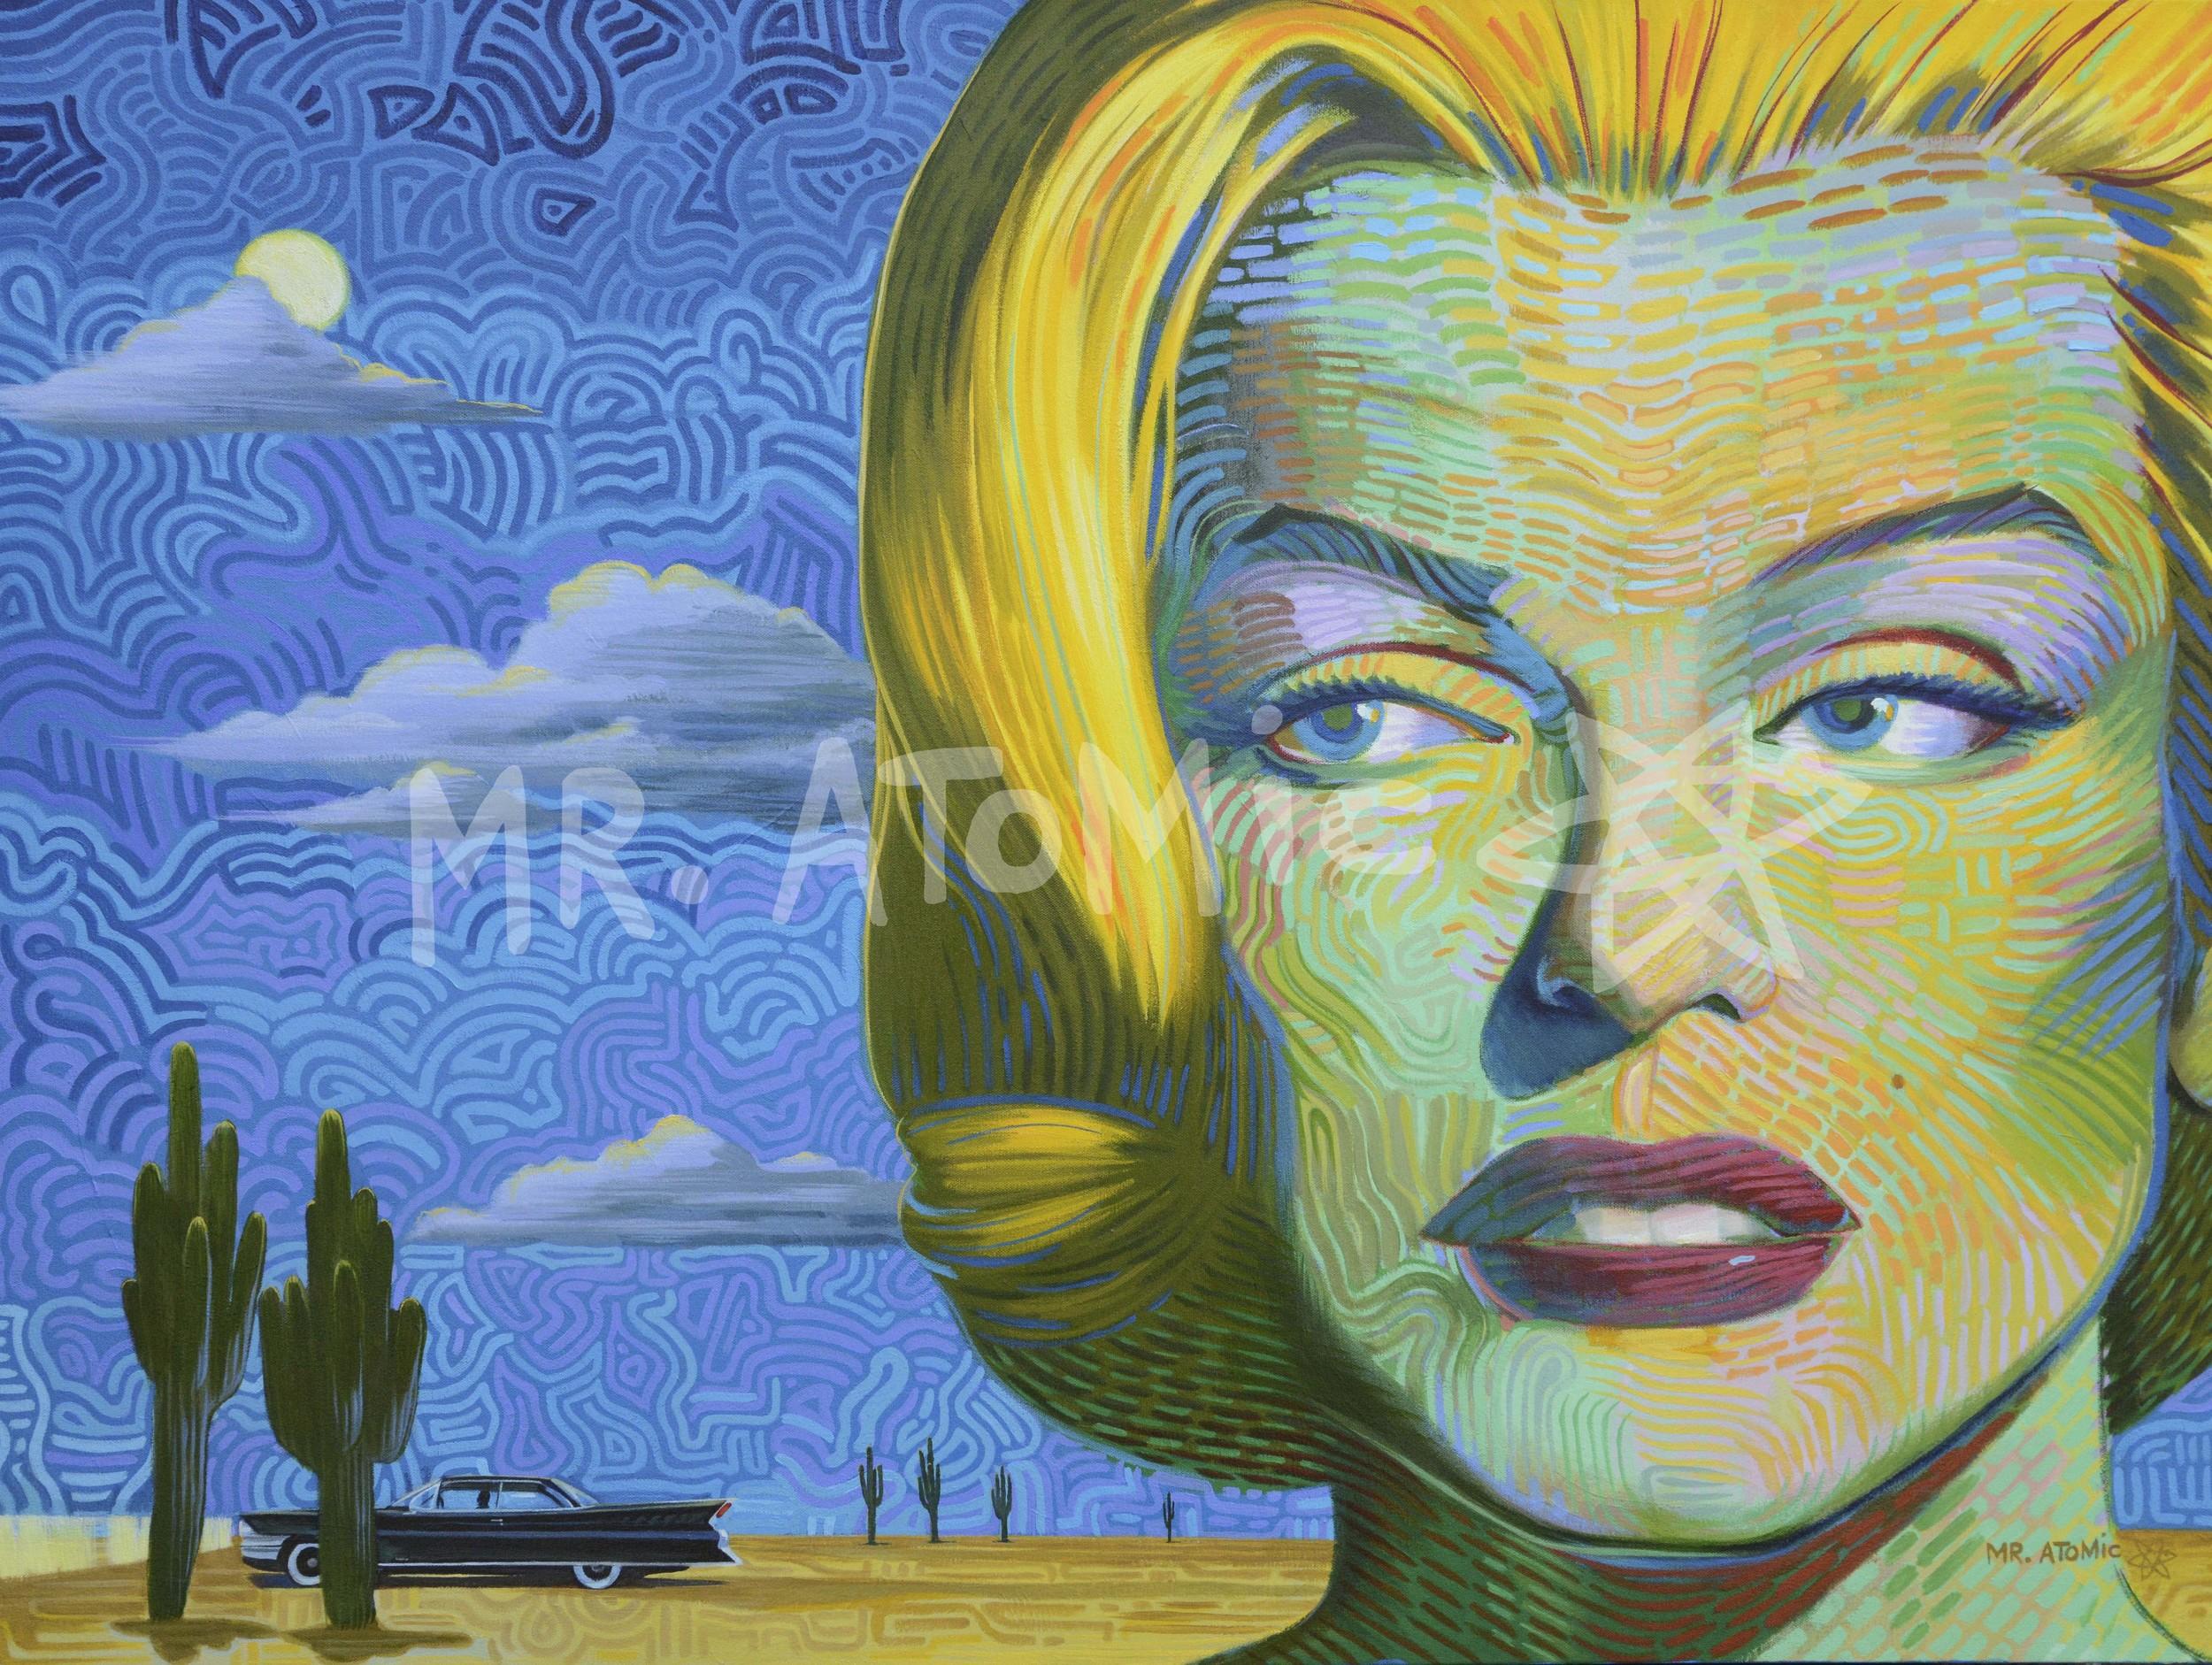 Marilyn Monroe's Desert Adventure - 3'x4'